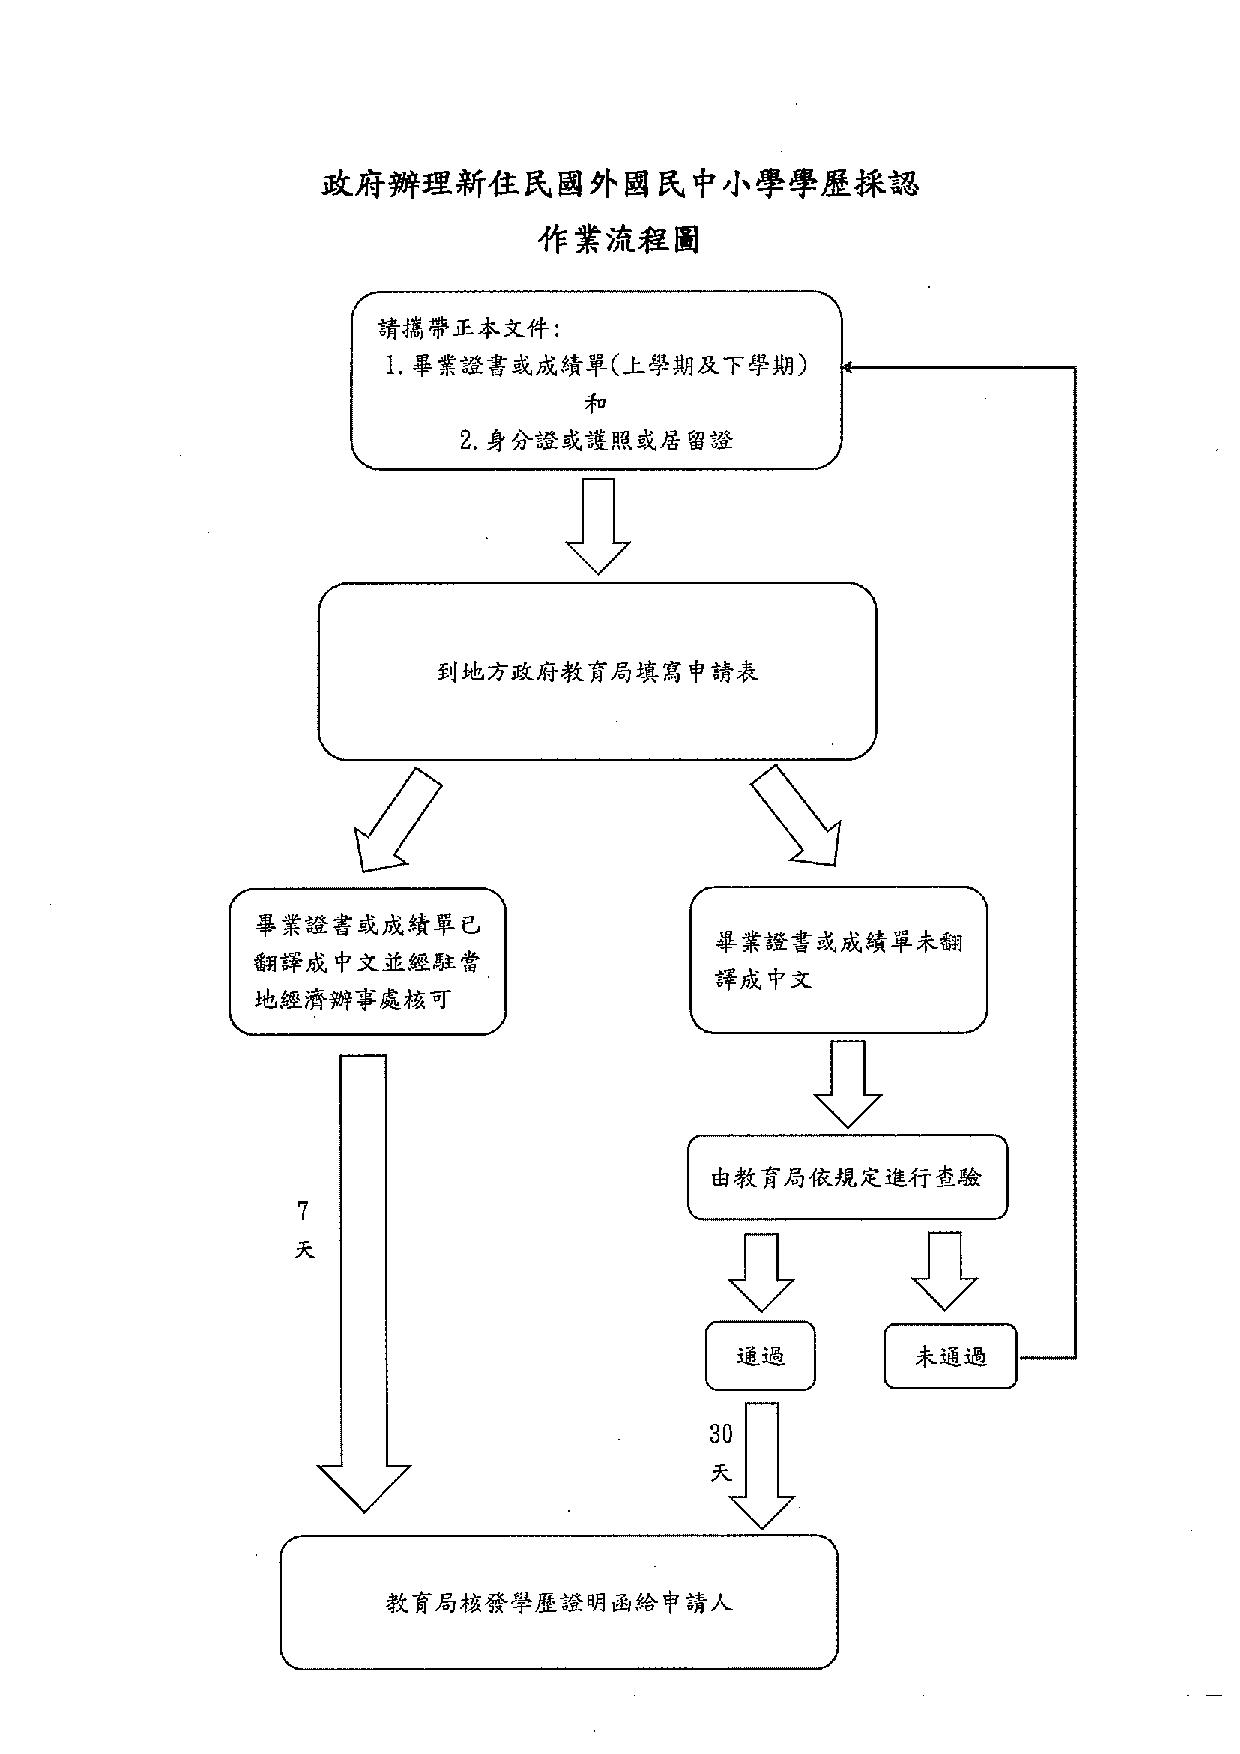 中文流程圖